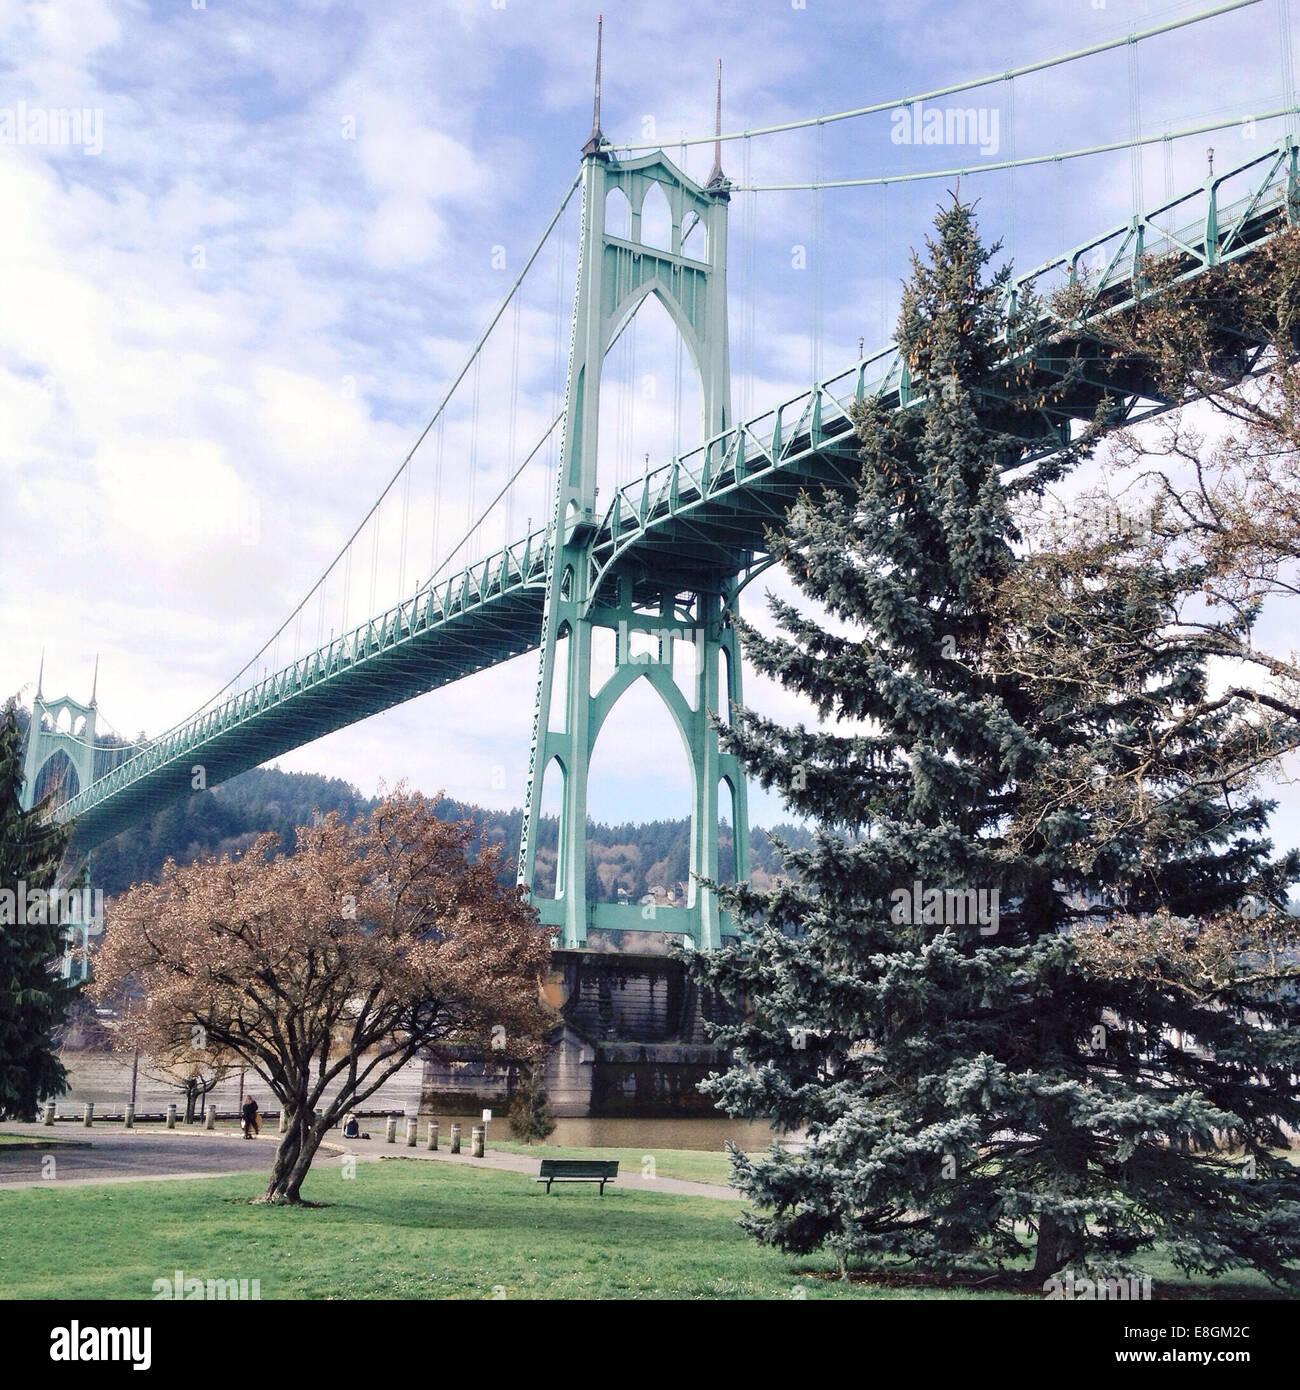 Stati Uniti d'America, 97203, Oregon, Multnomah County, Portland, basso angolo vista di Saint Johns bridge Immagini Stock